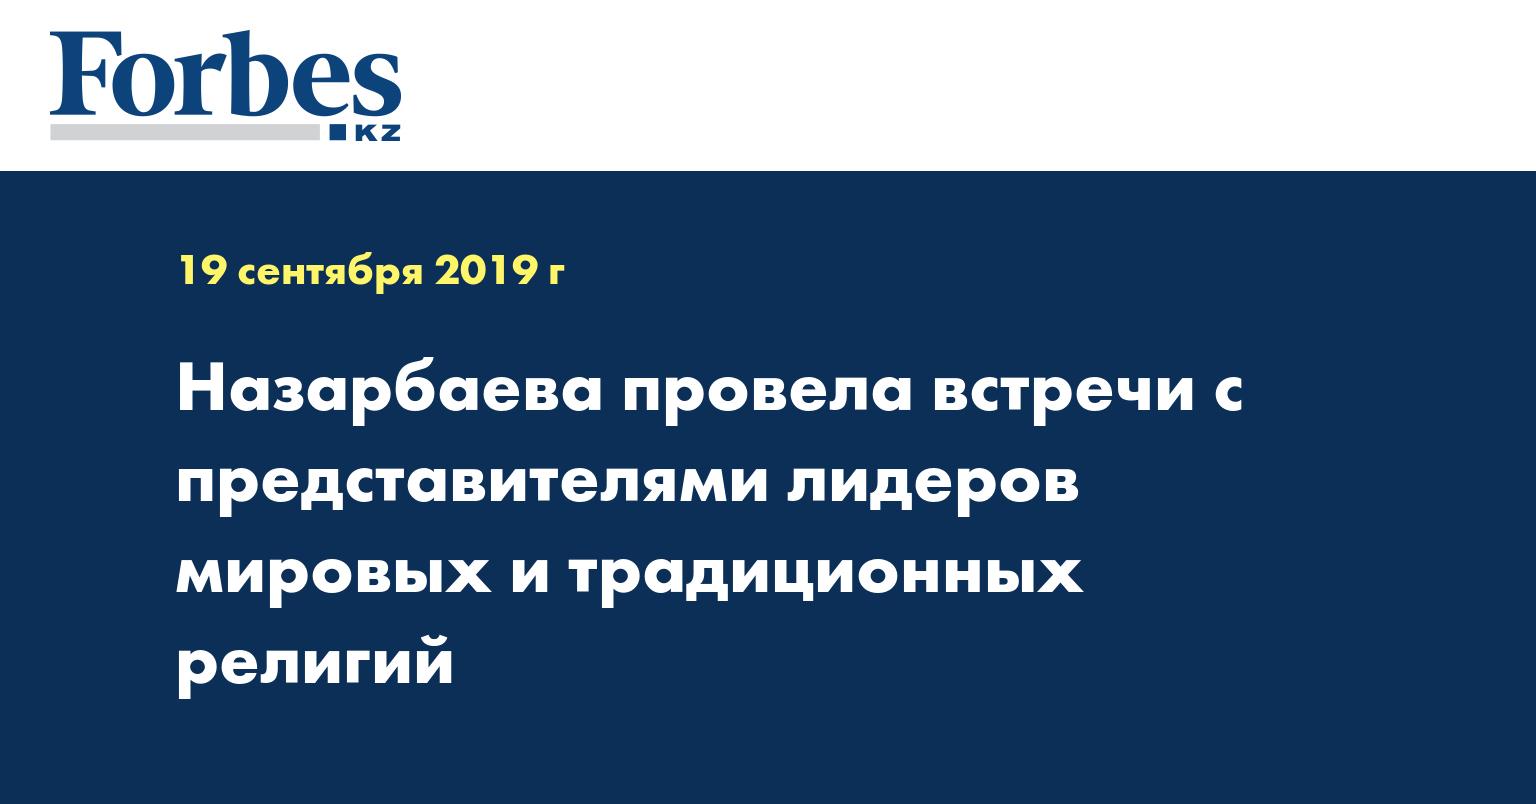 Назарбаева провела встречи с представителями лидеров мировых и традиционных религий